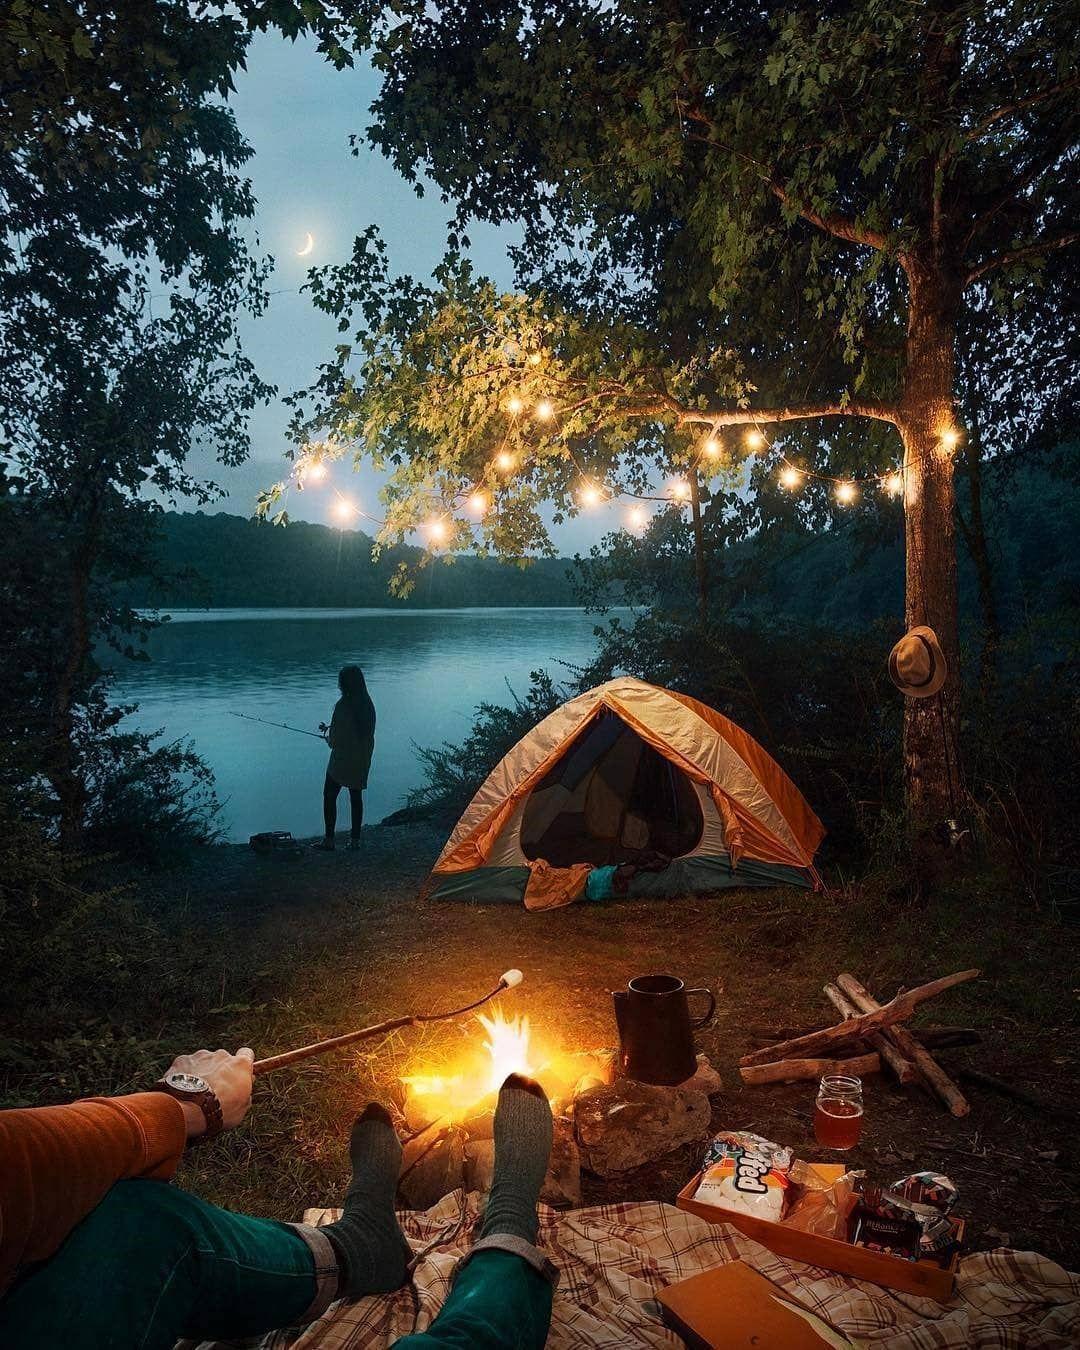 Huzurlu bir tatil için Türkiye'nin en iyi kamp alanları